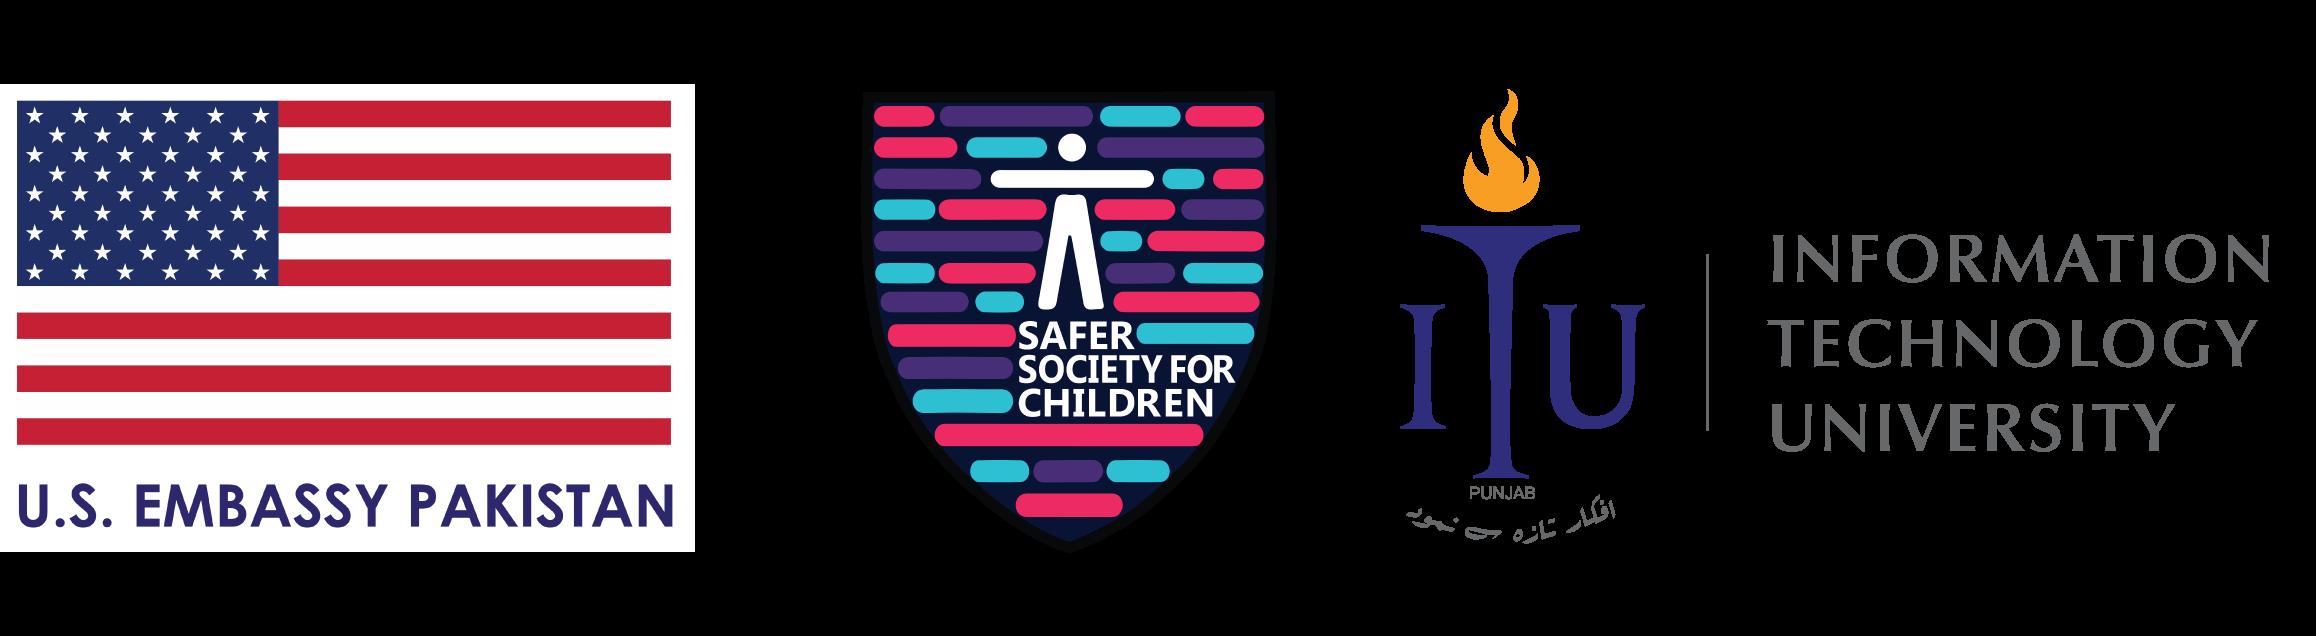 Safer Society for Children